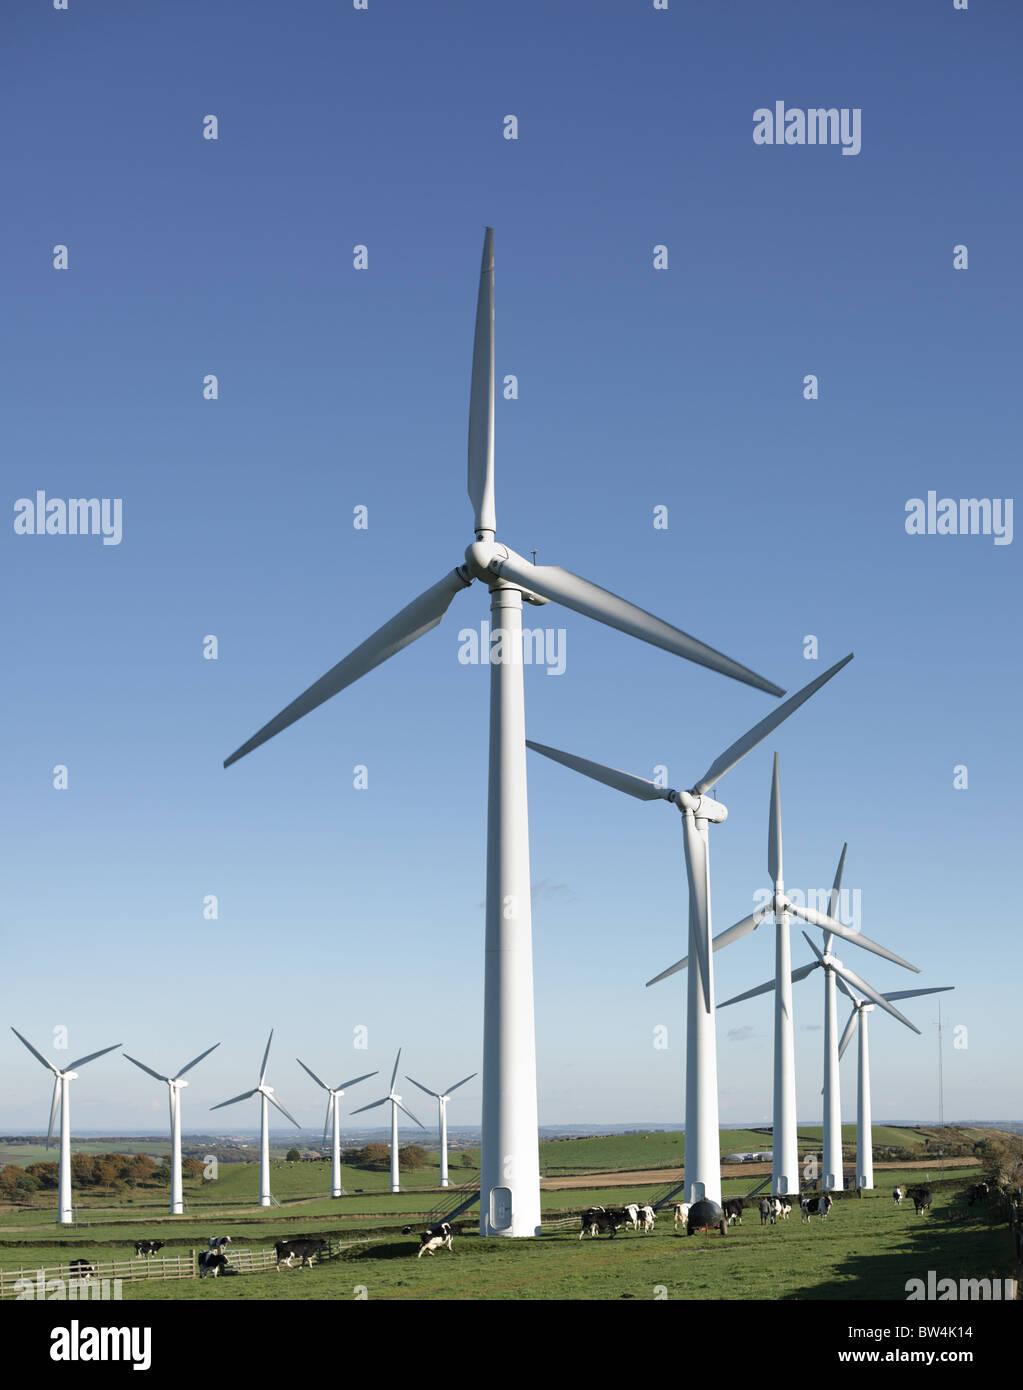 Le turbine eoliche in centrali eoliche Immagini Stock